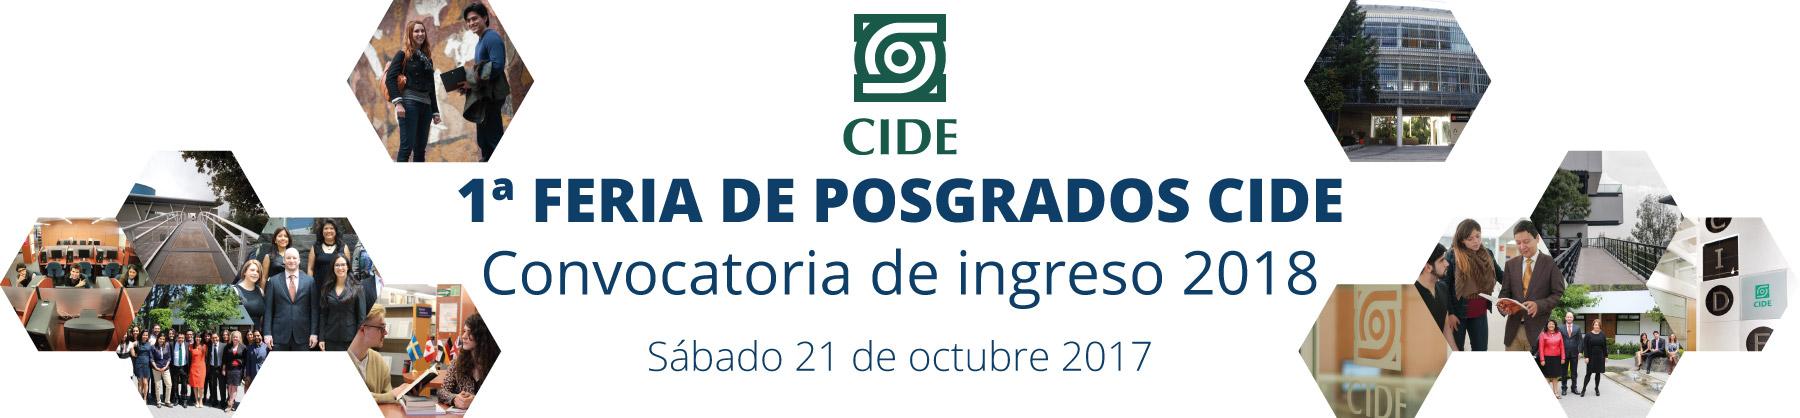 cide_feria_de_posrgrados_ingresos_2018_home